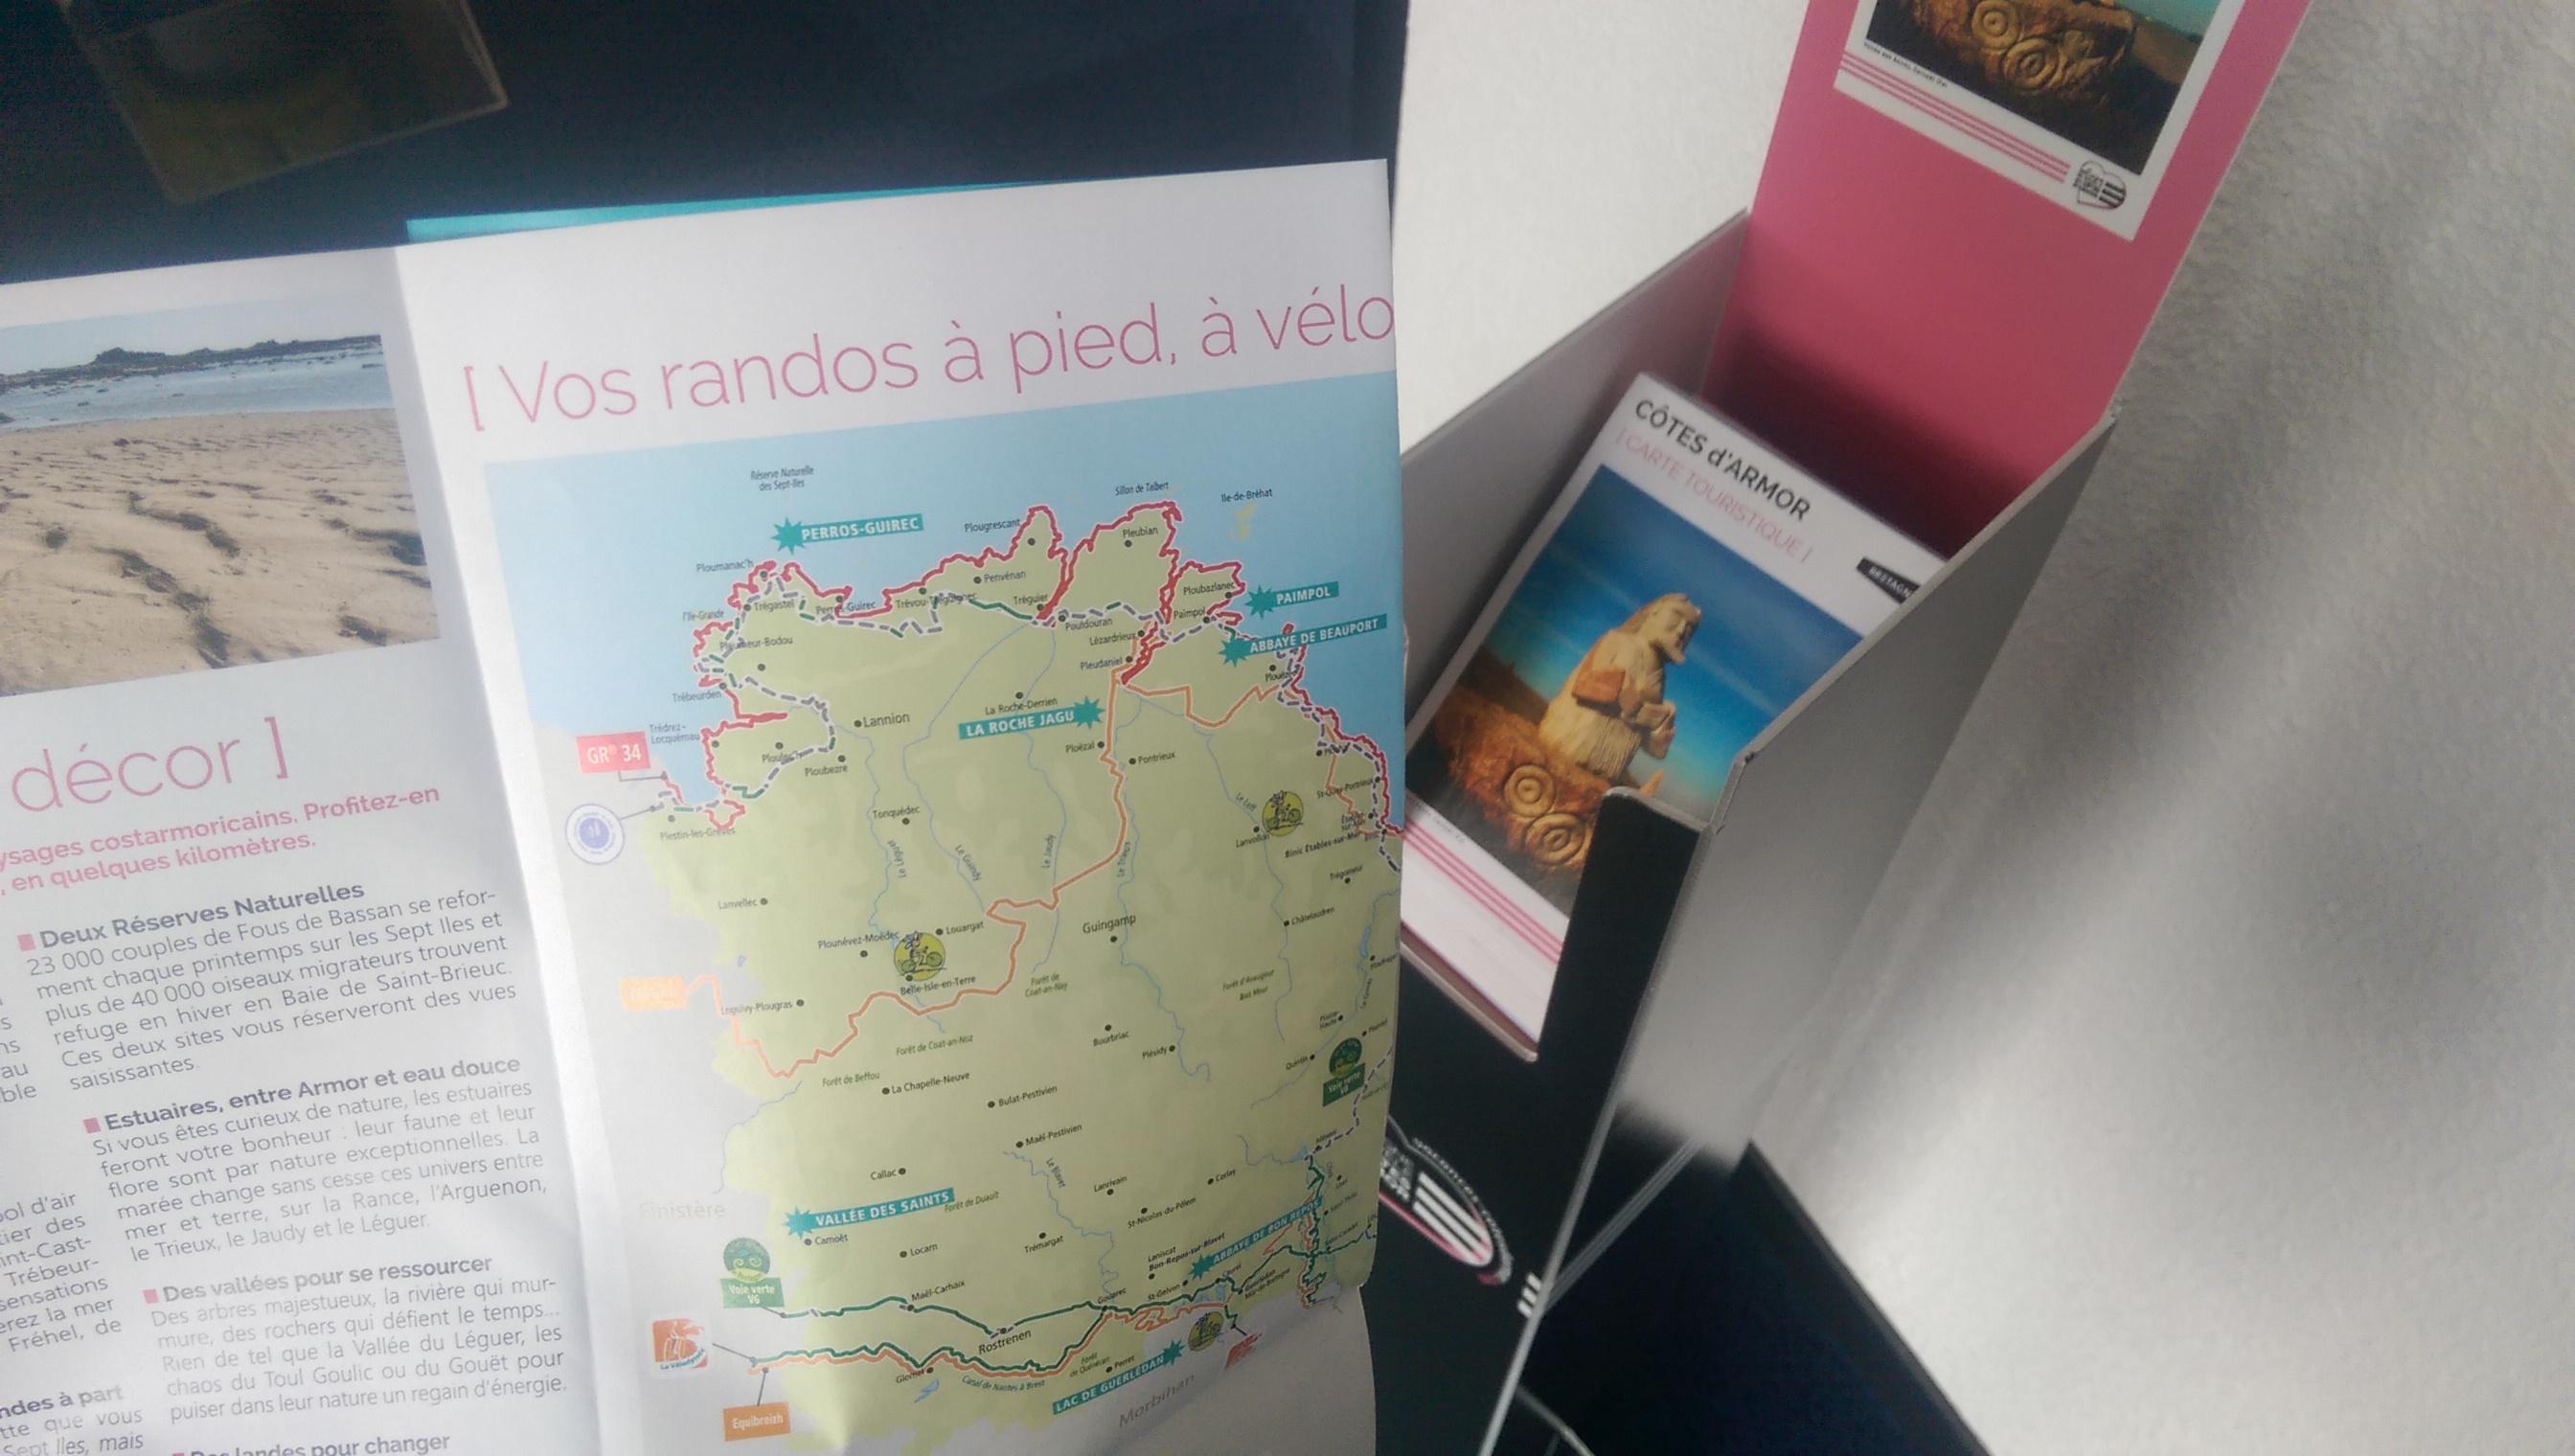 carte touristique rando 2017 Côtes d'Armor